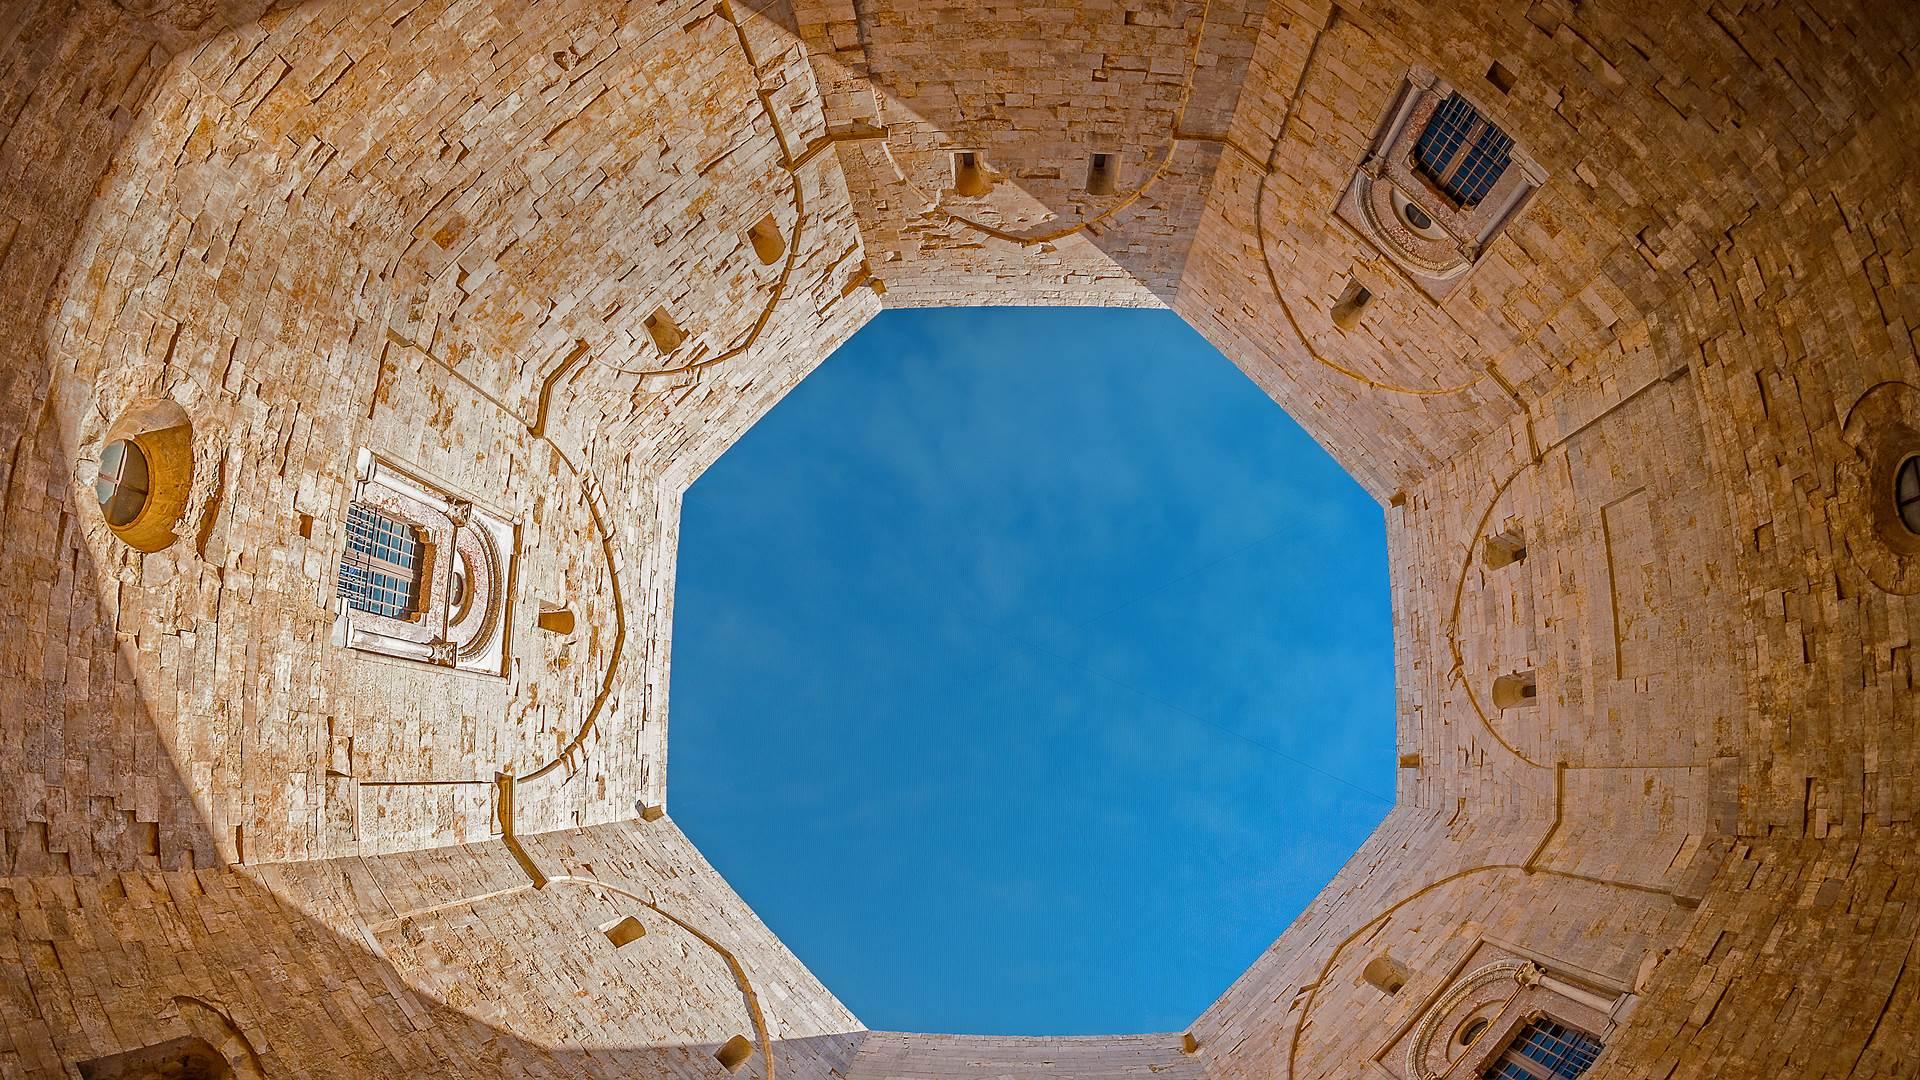 蒙特城堡,意大利普利亚大区